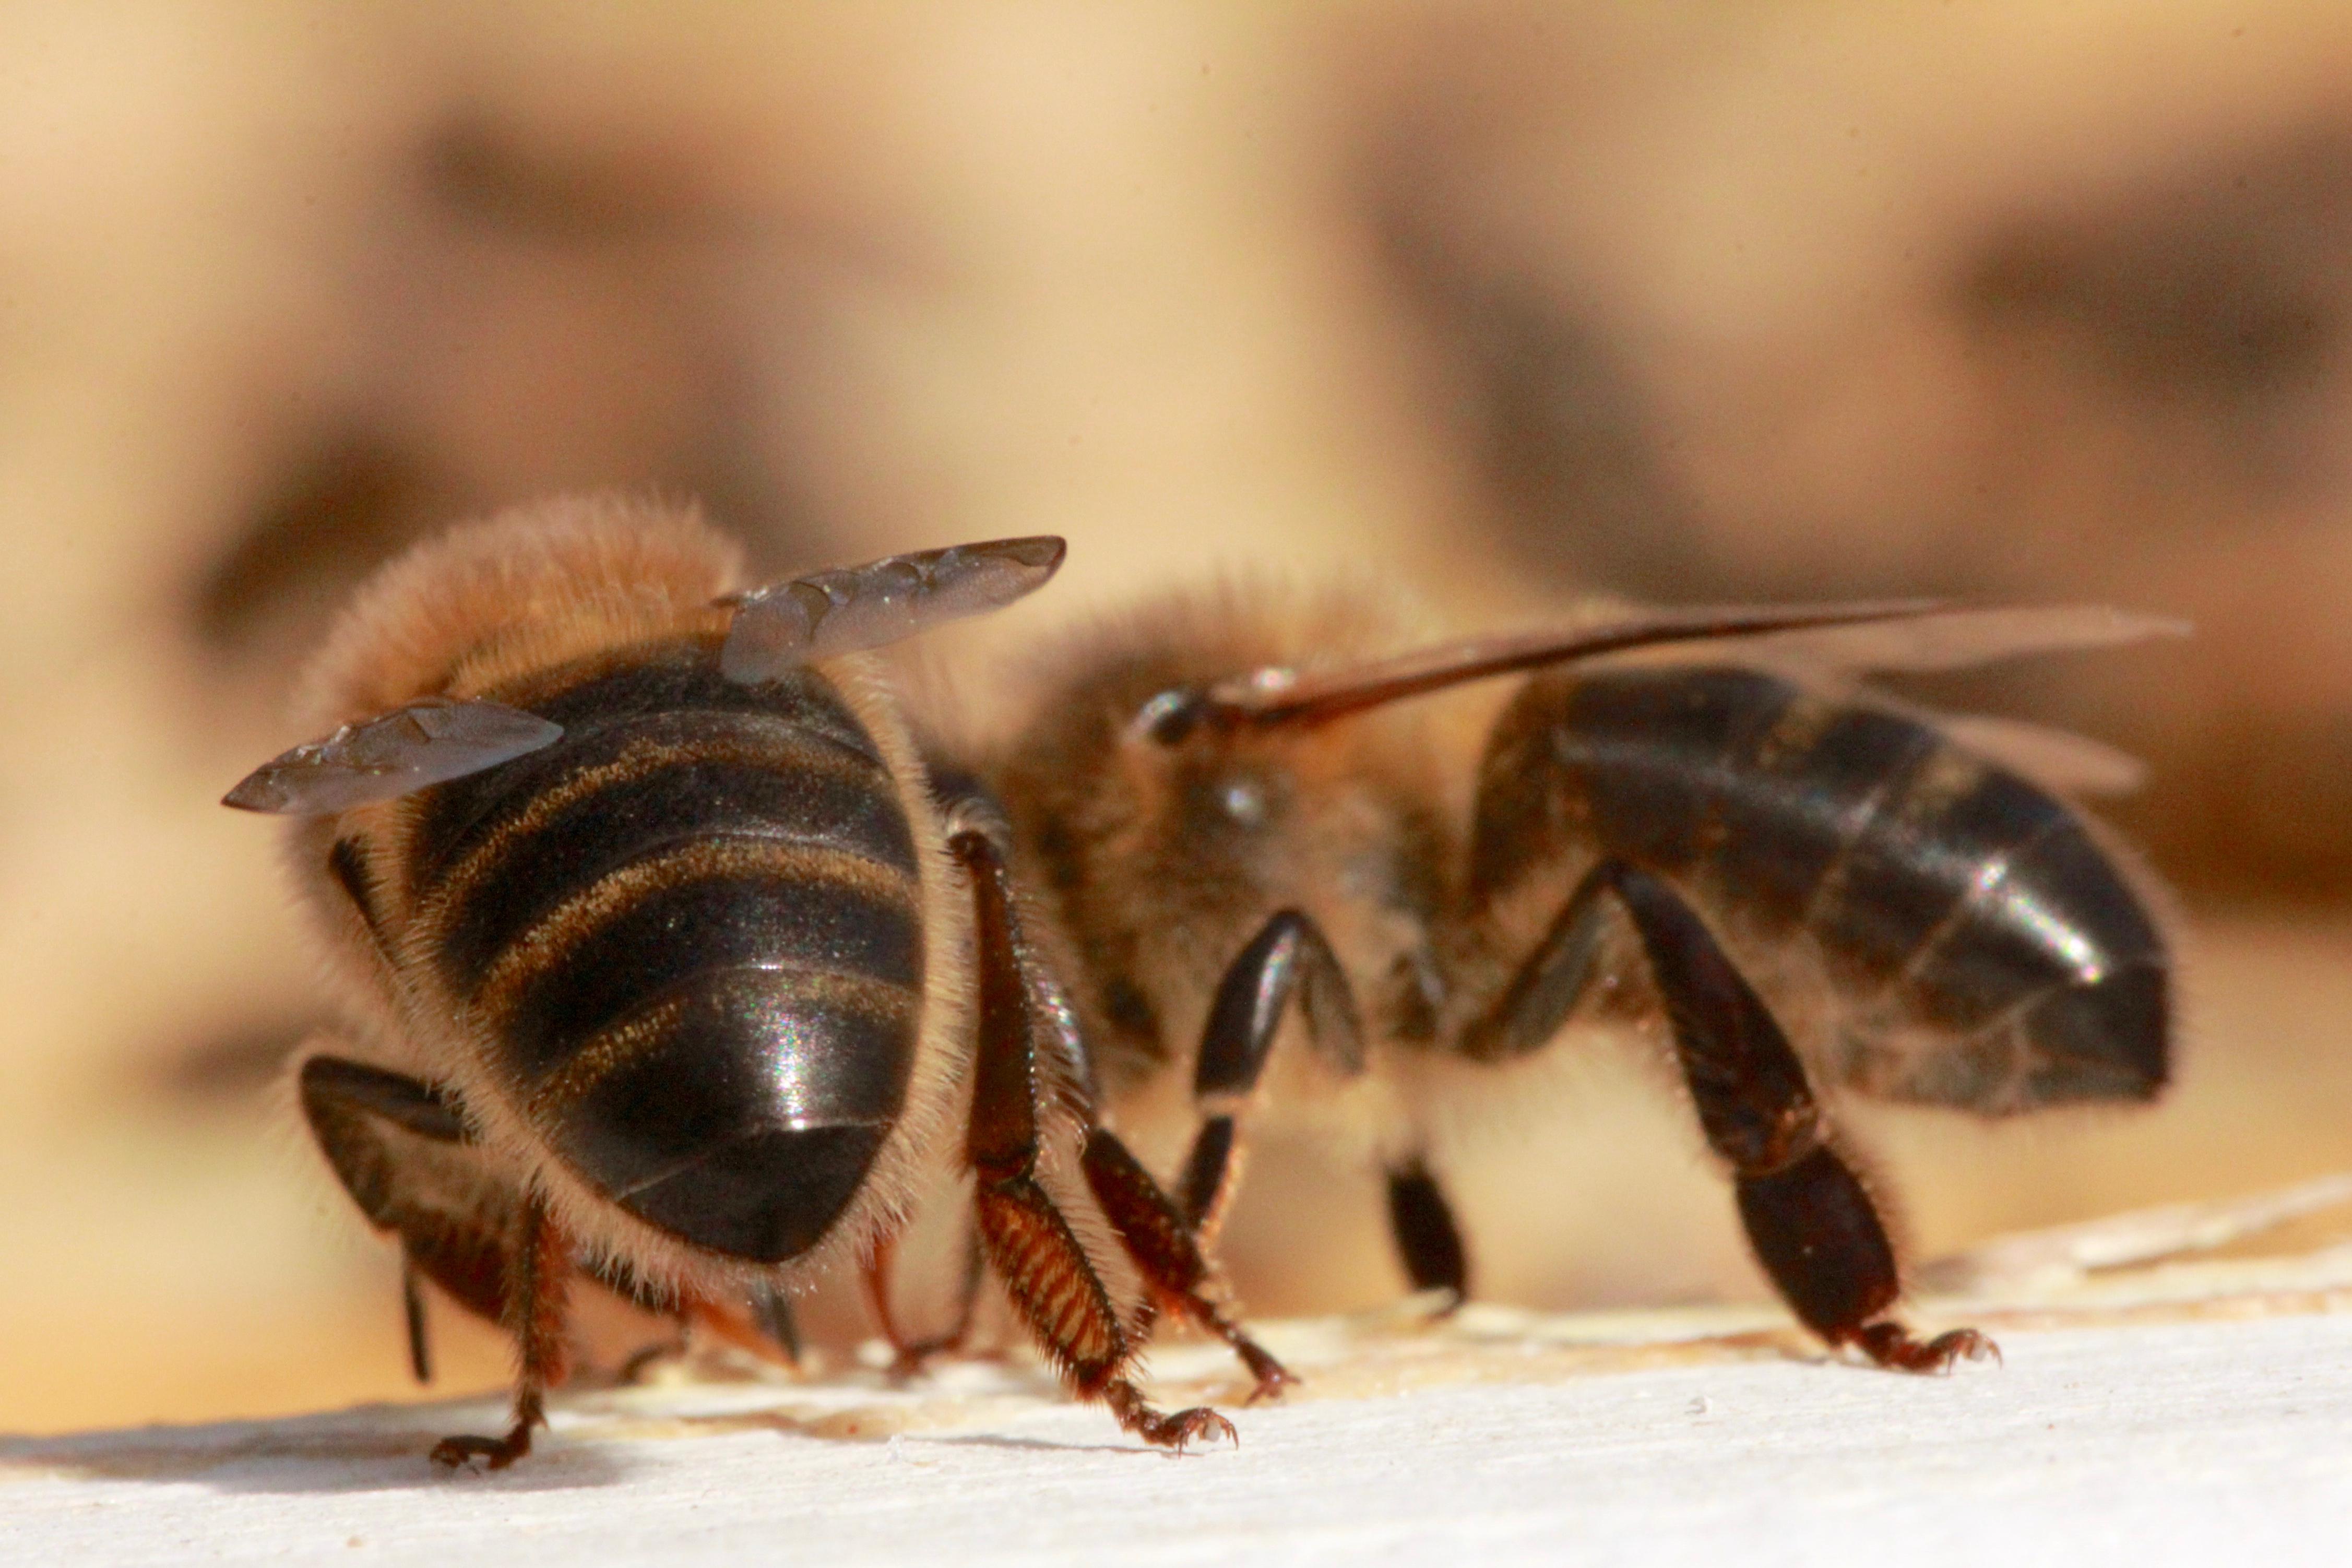 lebensleistung einer honigbiene